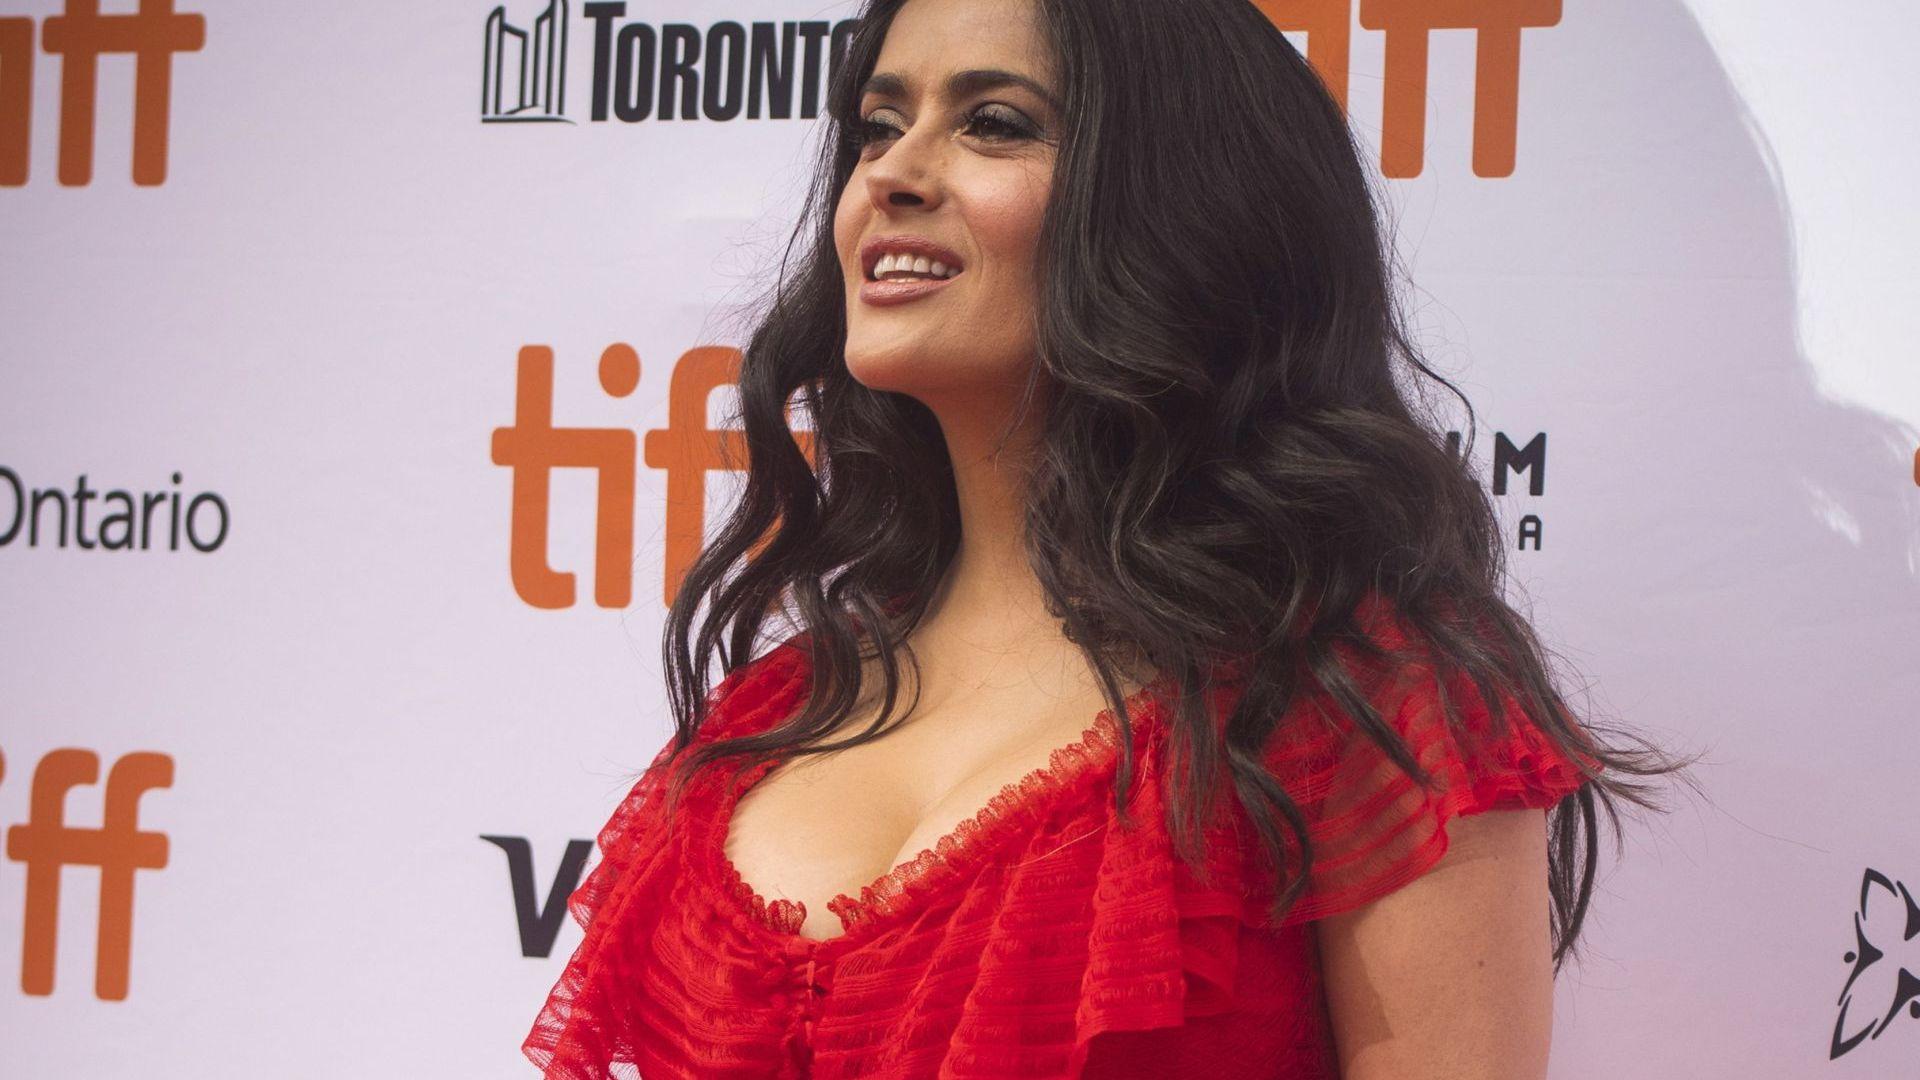 Звездите на киното в цялото си многообразие в Торонто (галерия)